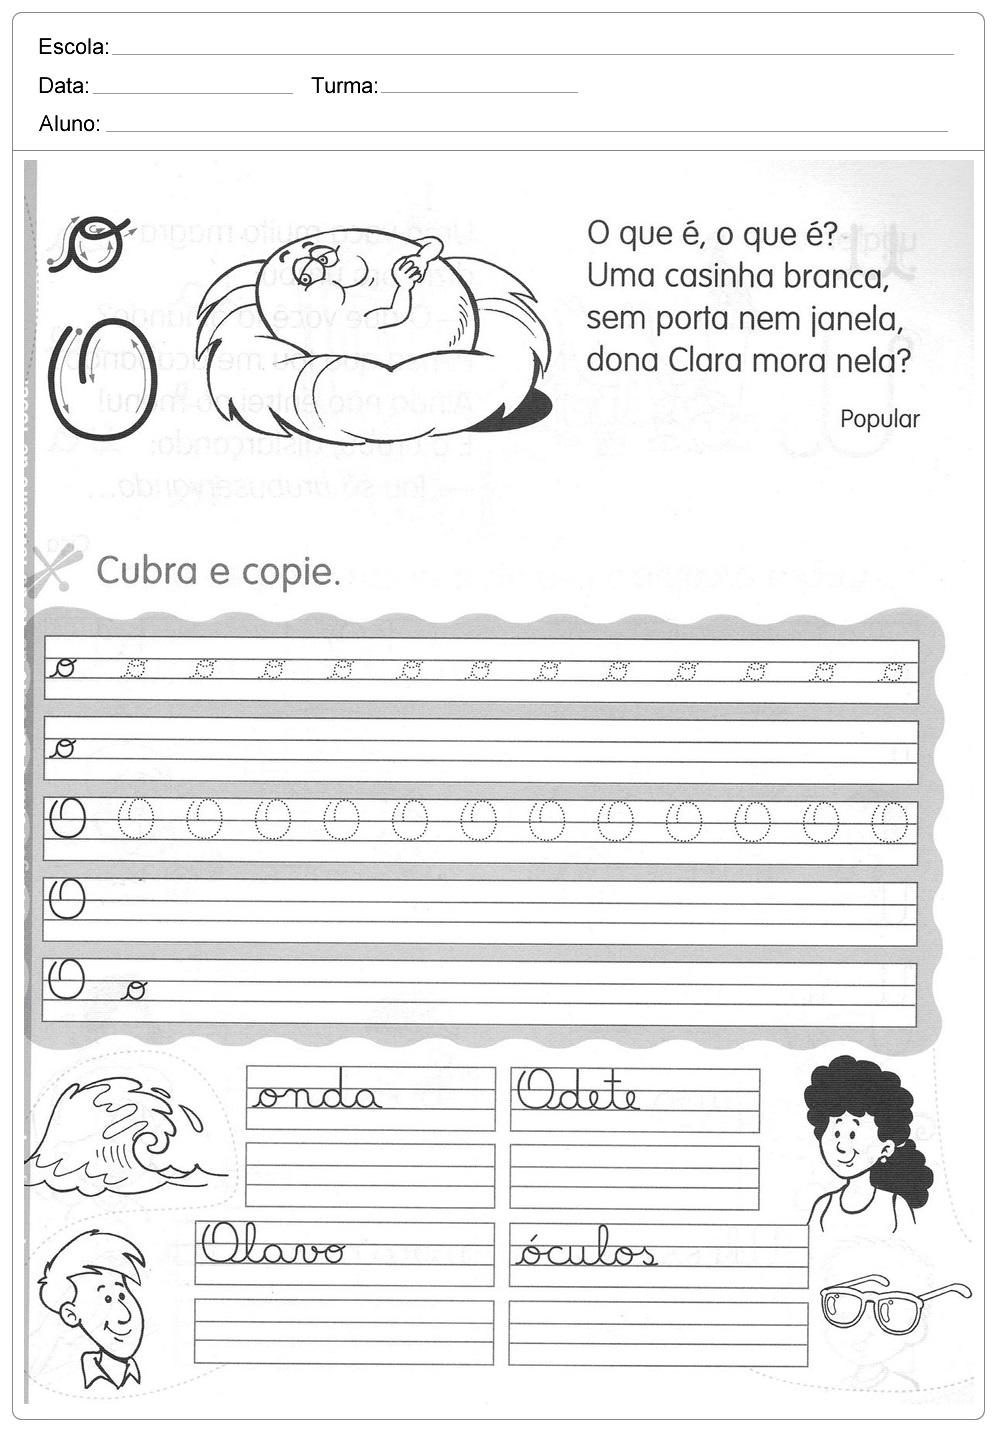 atividade-de-caligrafia-letra-O